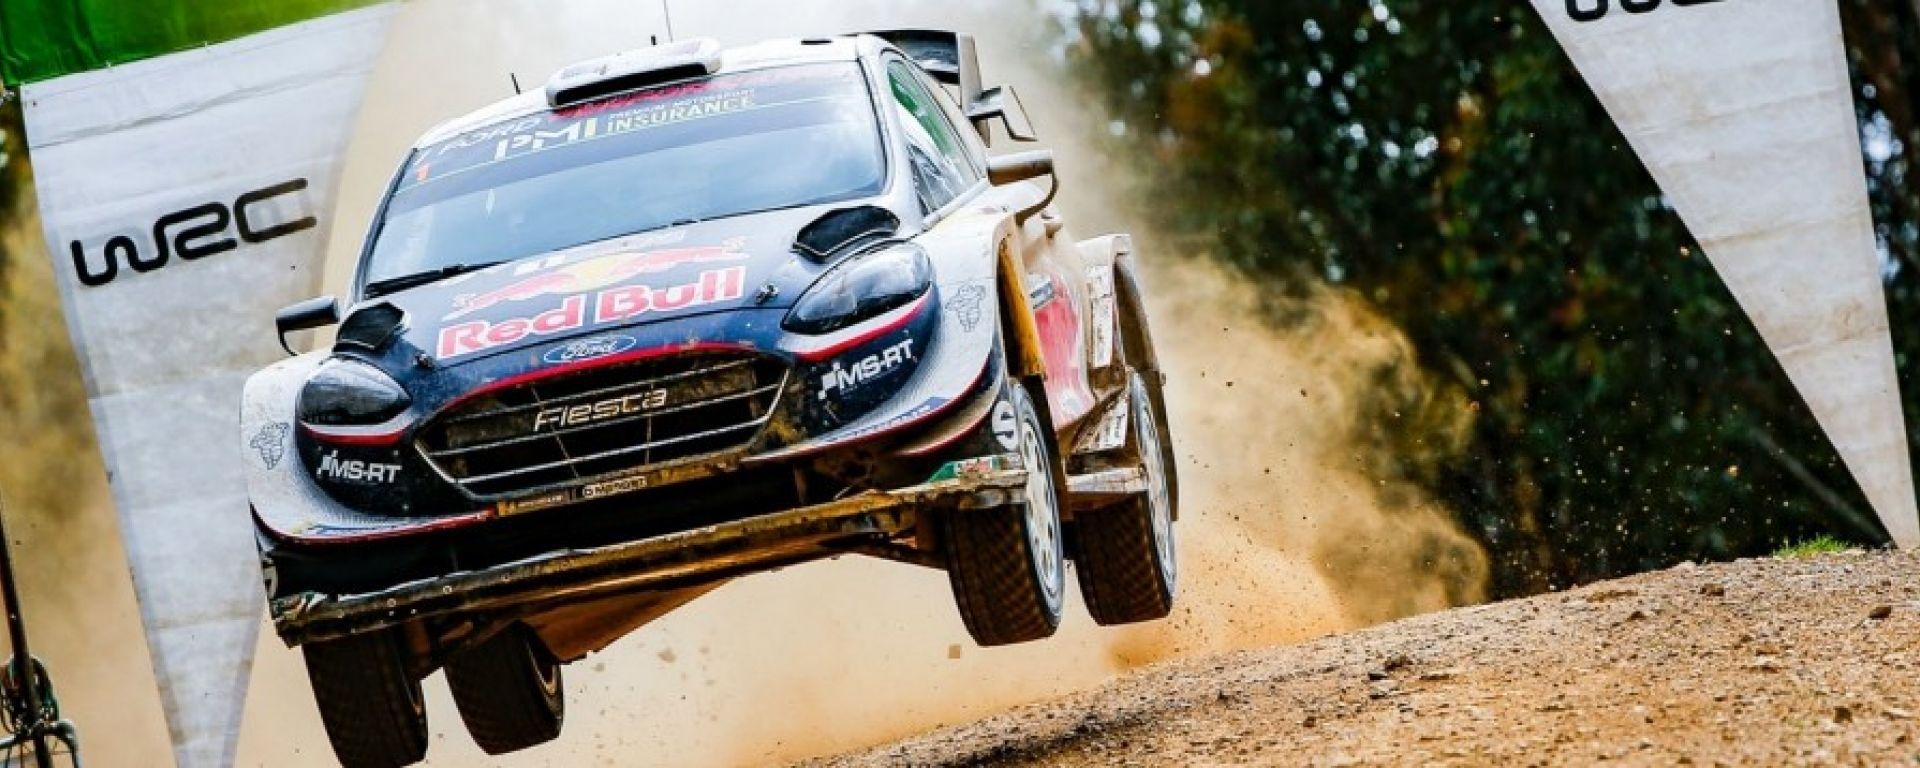 Sebastien Ogier è campione del mondo WRC 2018 con Ford